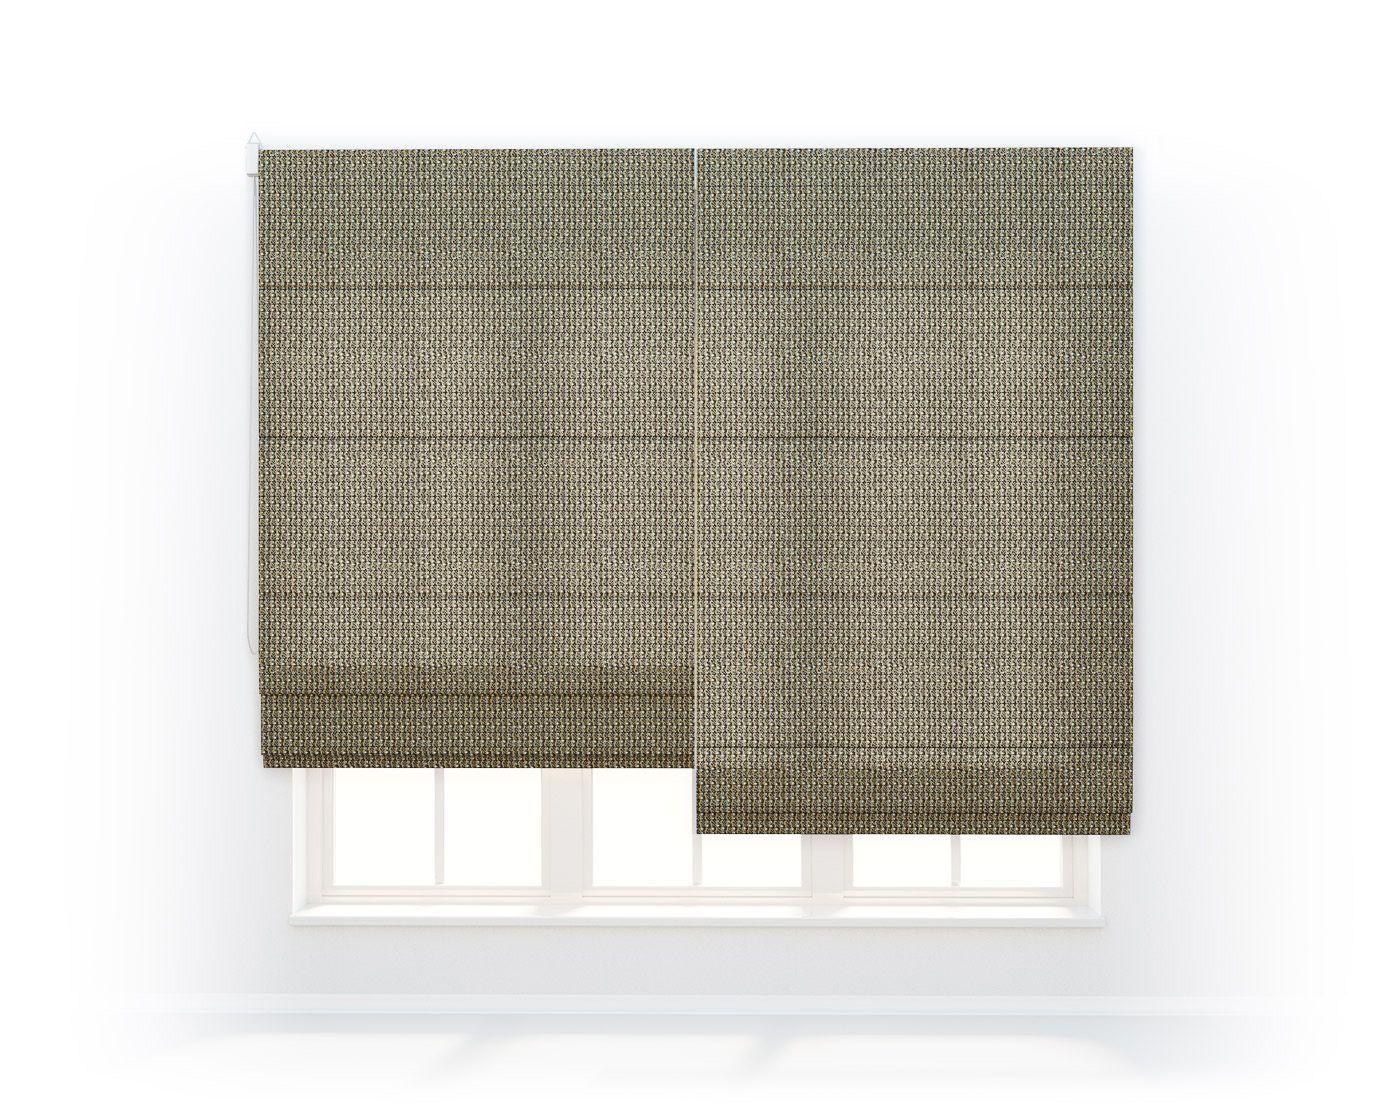 Римские шторы Ar deco part 2, 2370/25